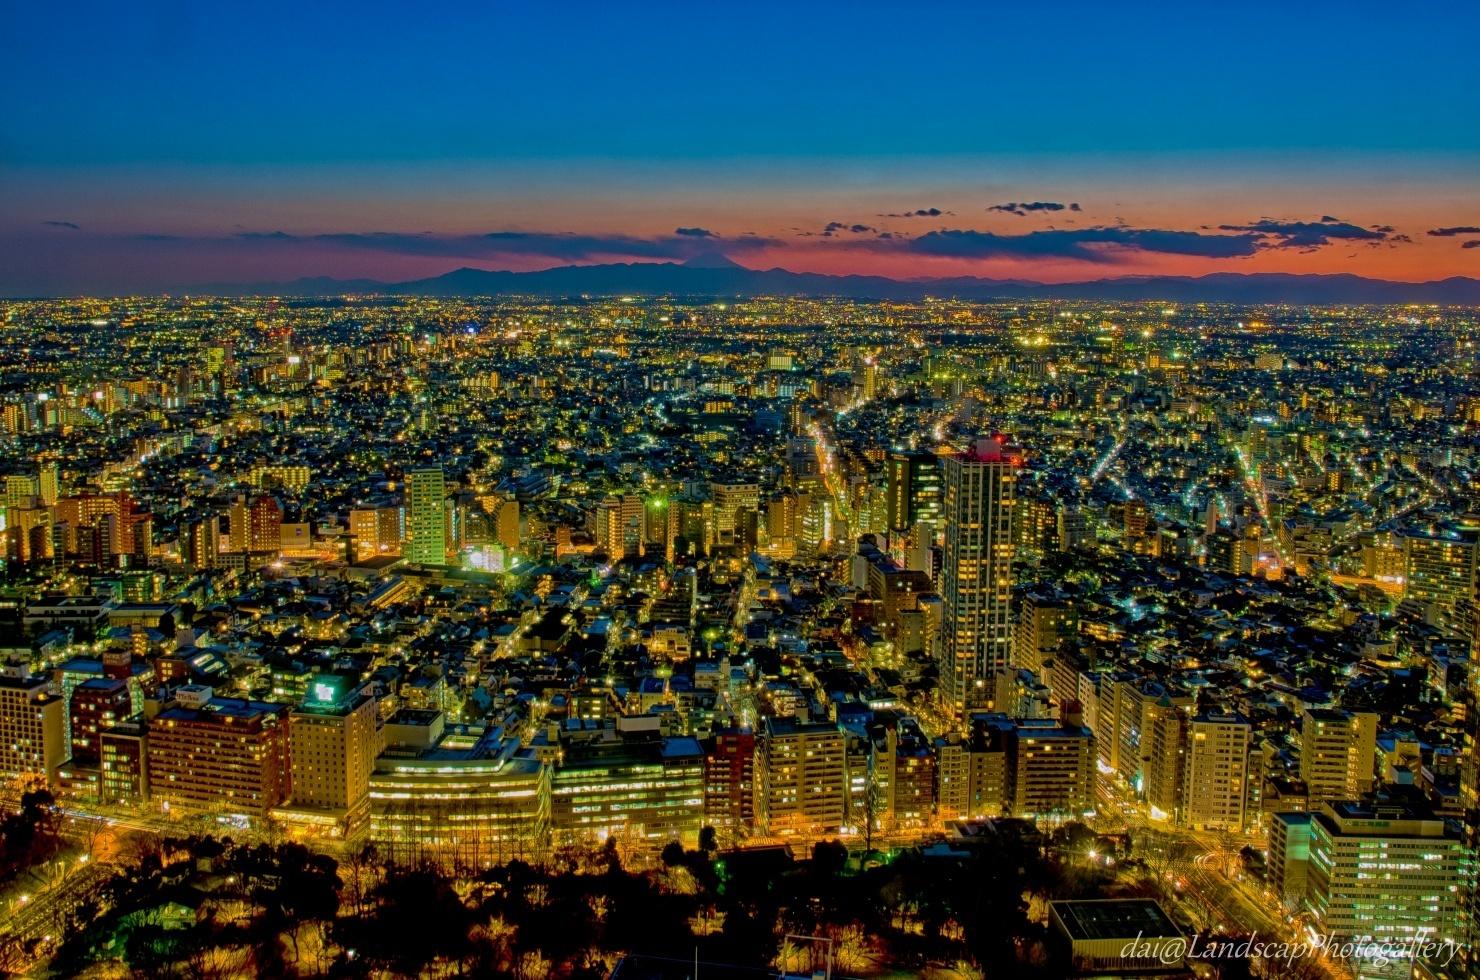 新宿住友ビルからの夕夜景【HDRi】